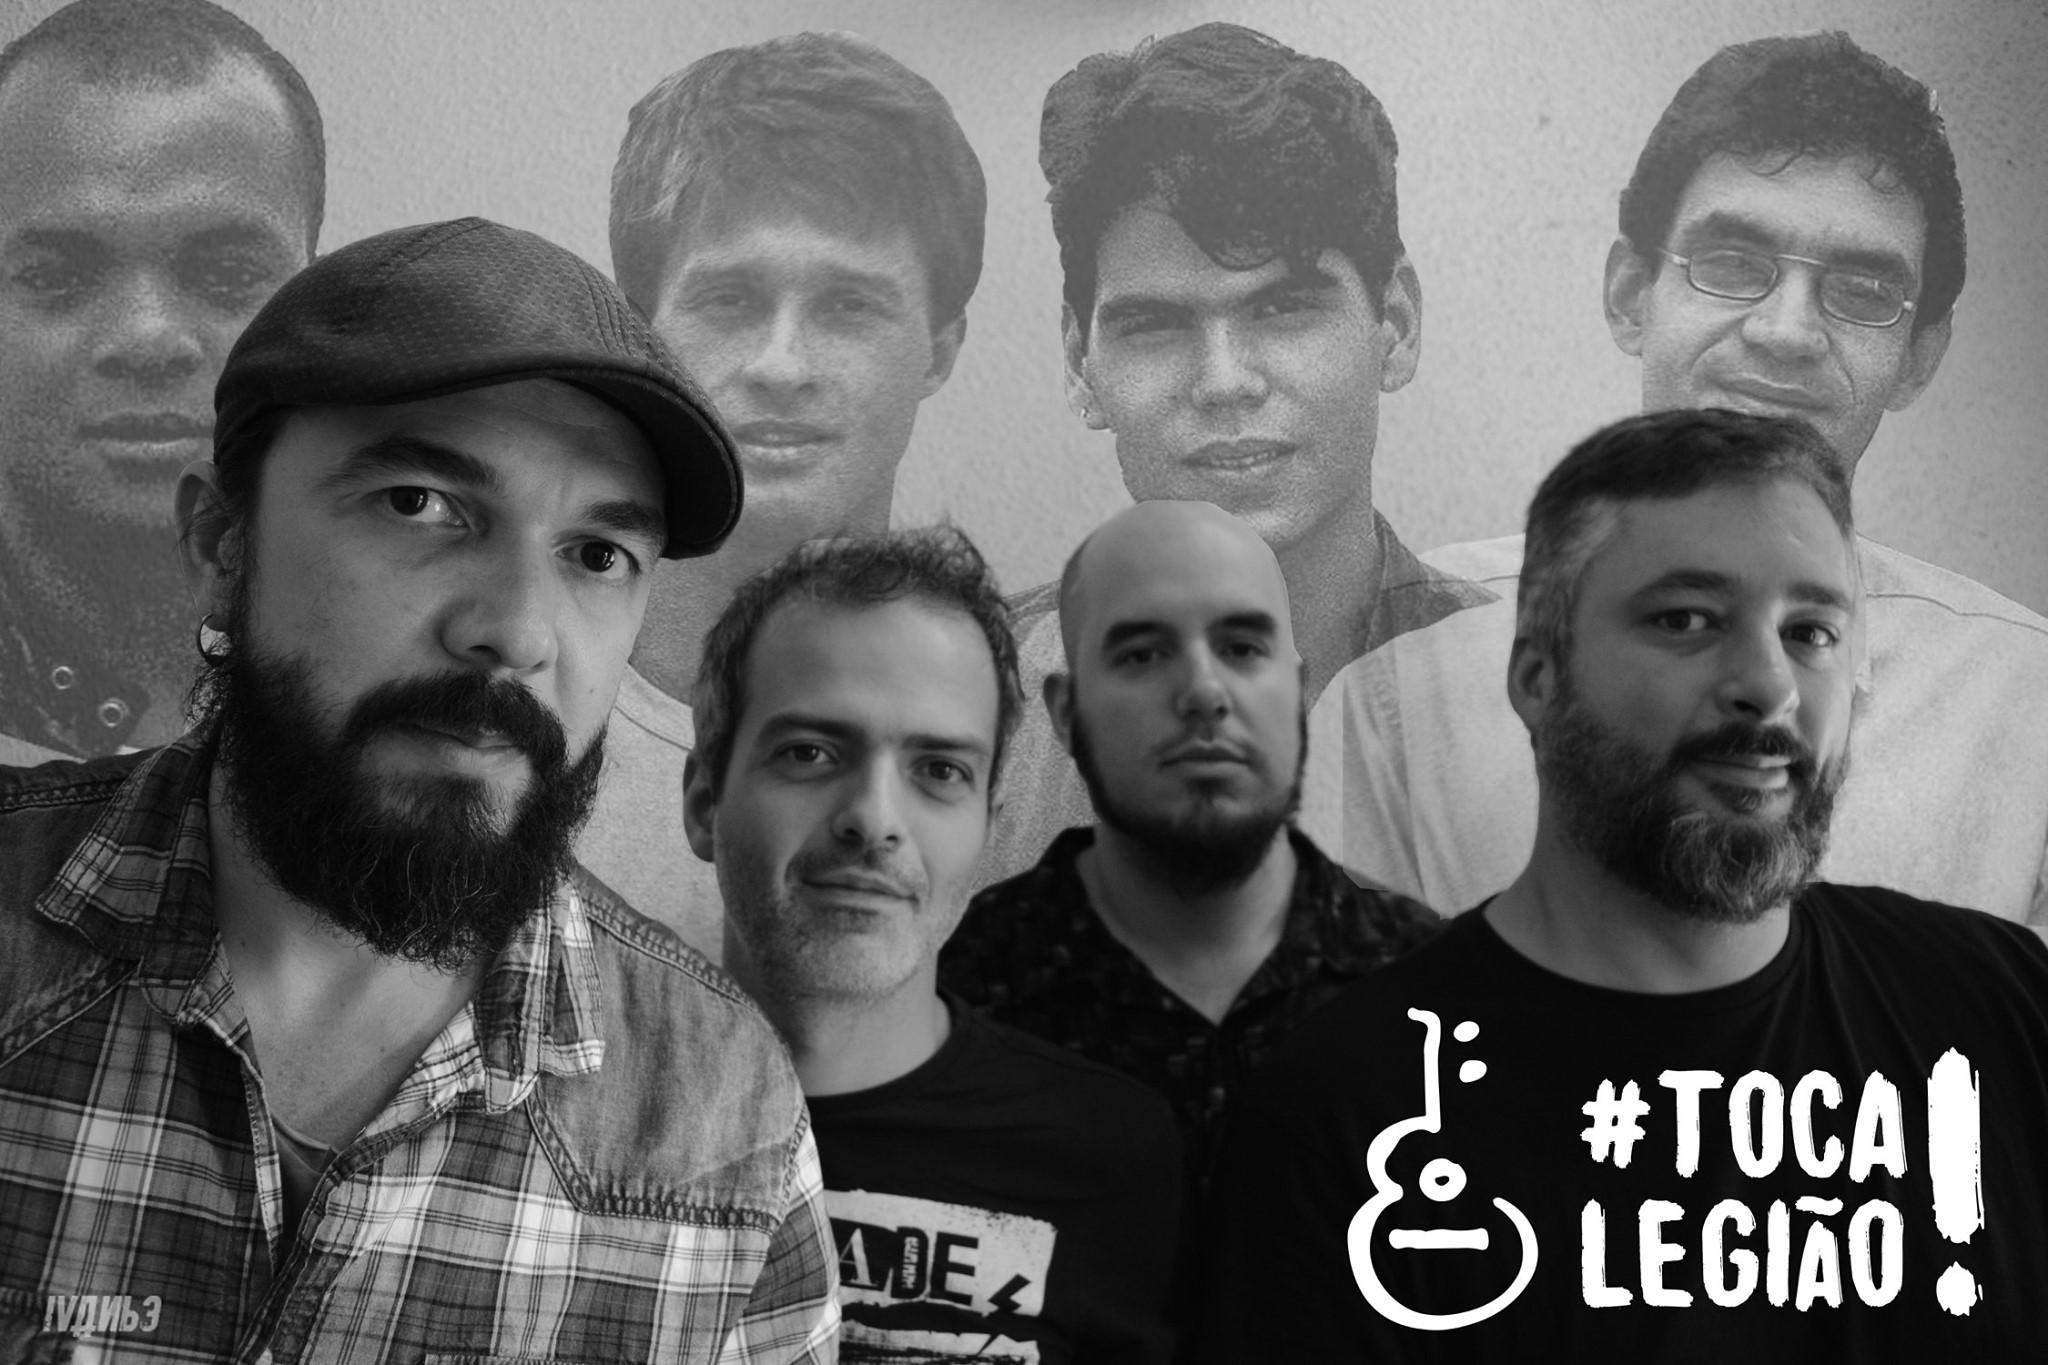 banda tributo a legiao urbana em madrid